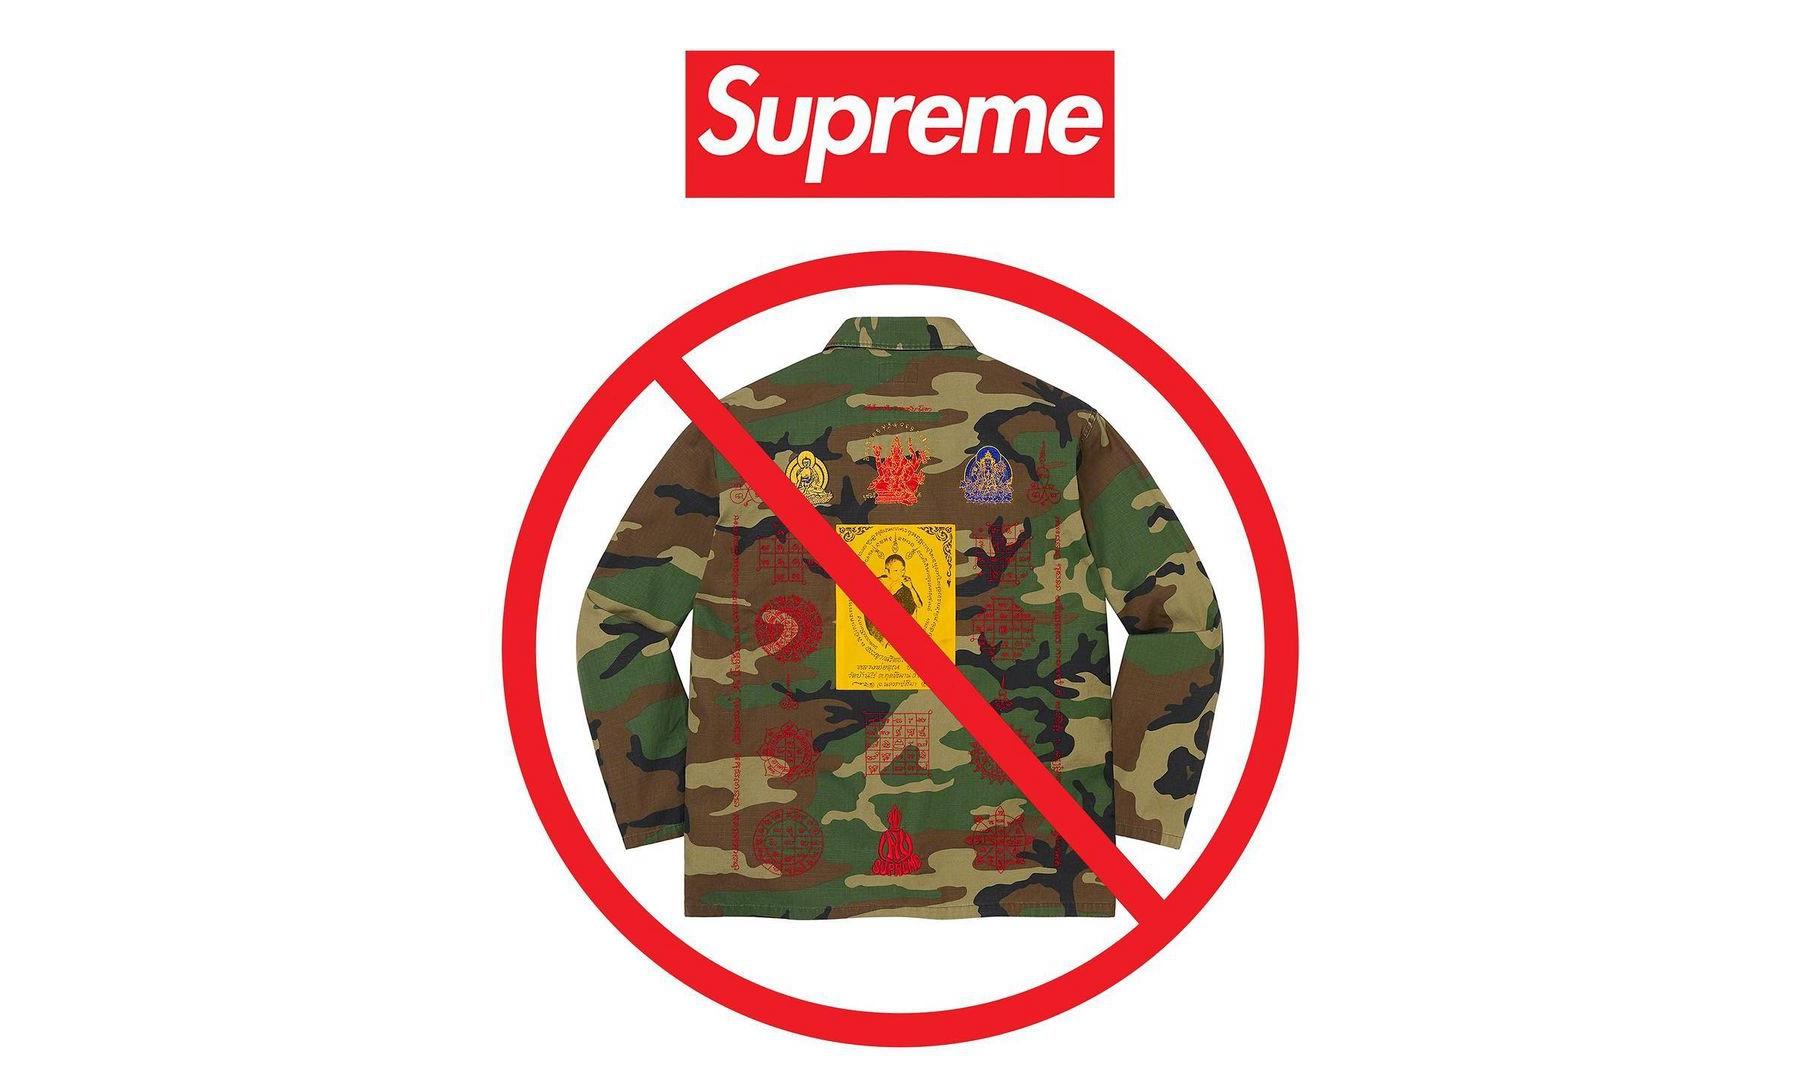 再次「文化冲突」?Supreme 或将遭泰国佛教起诉